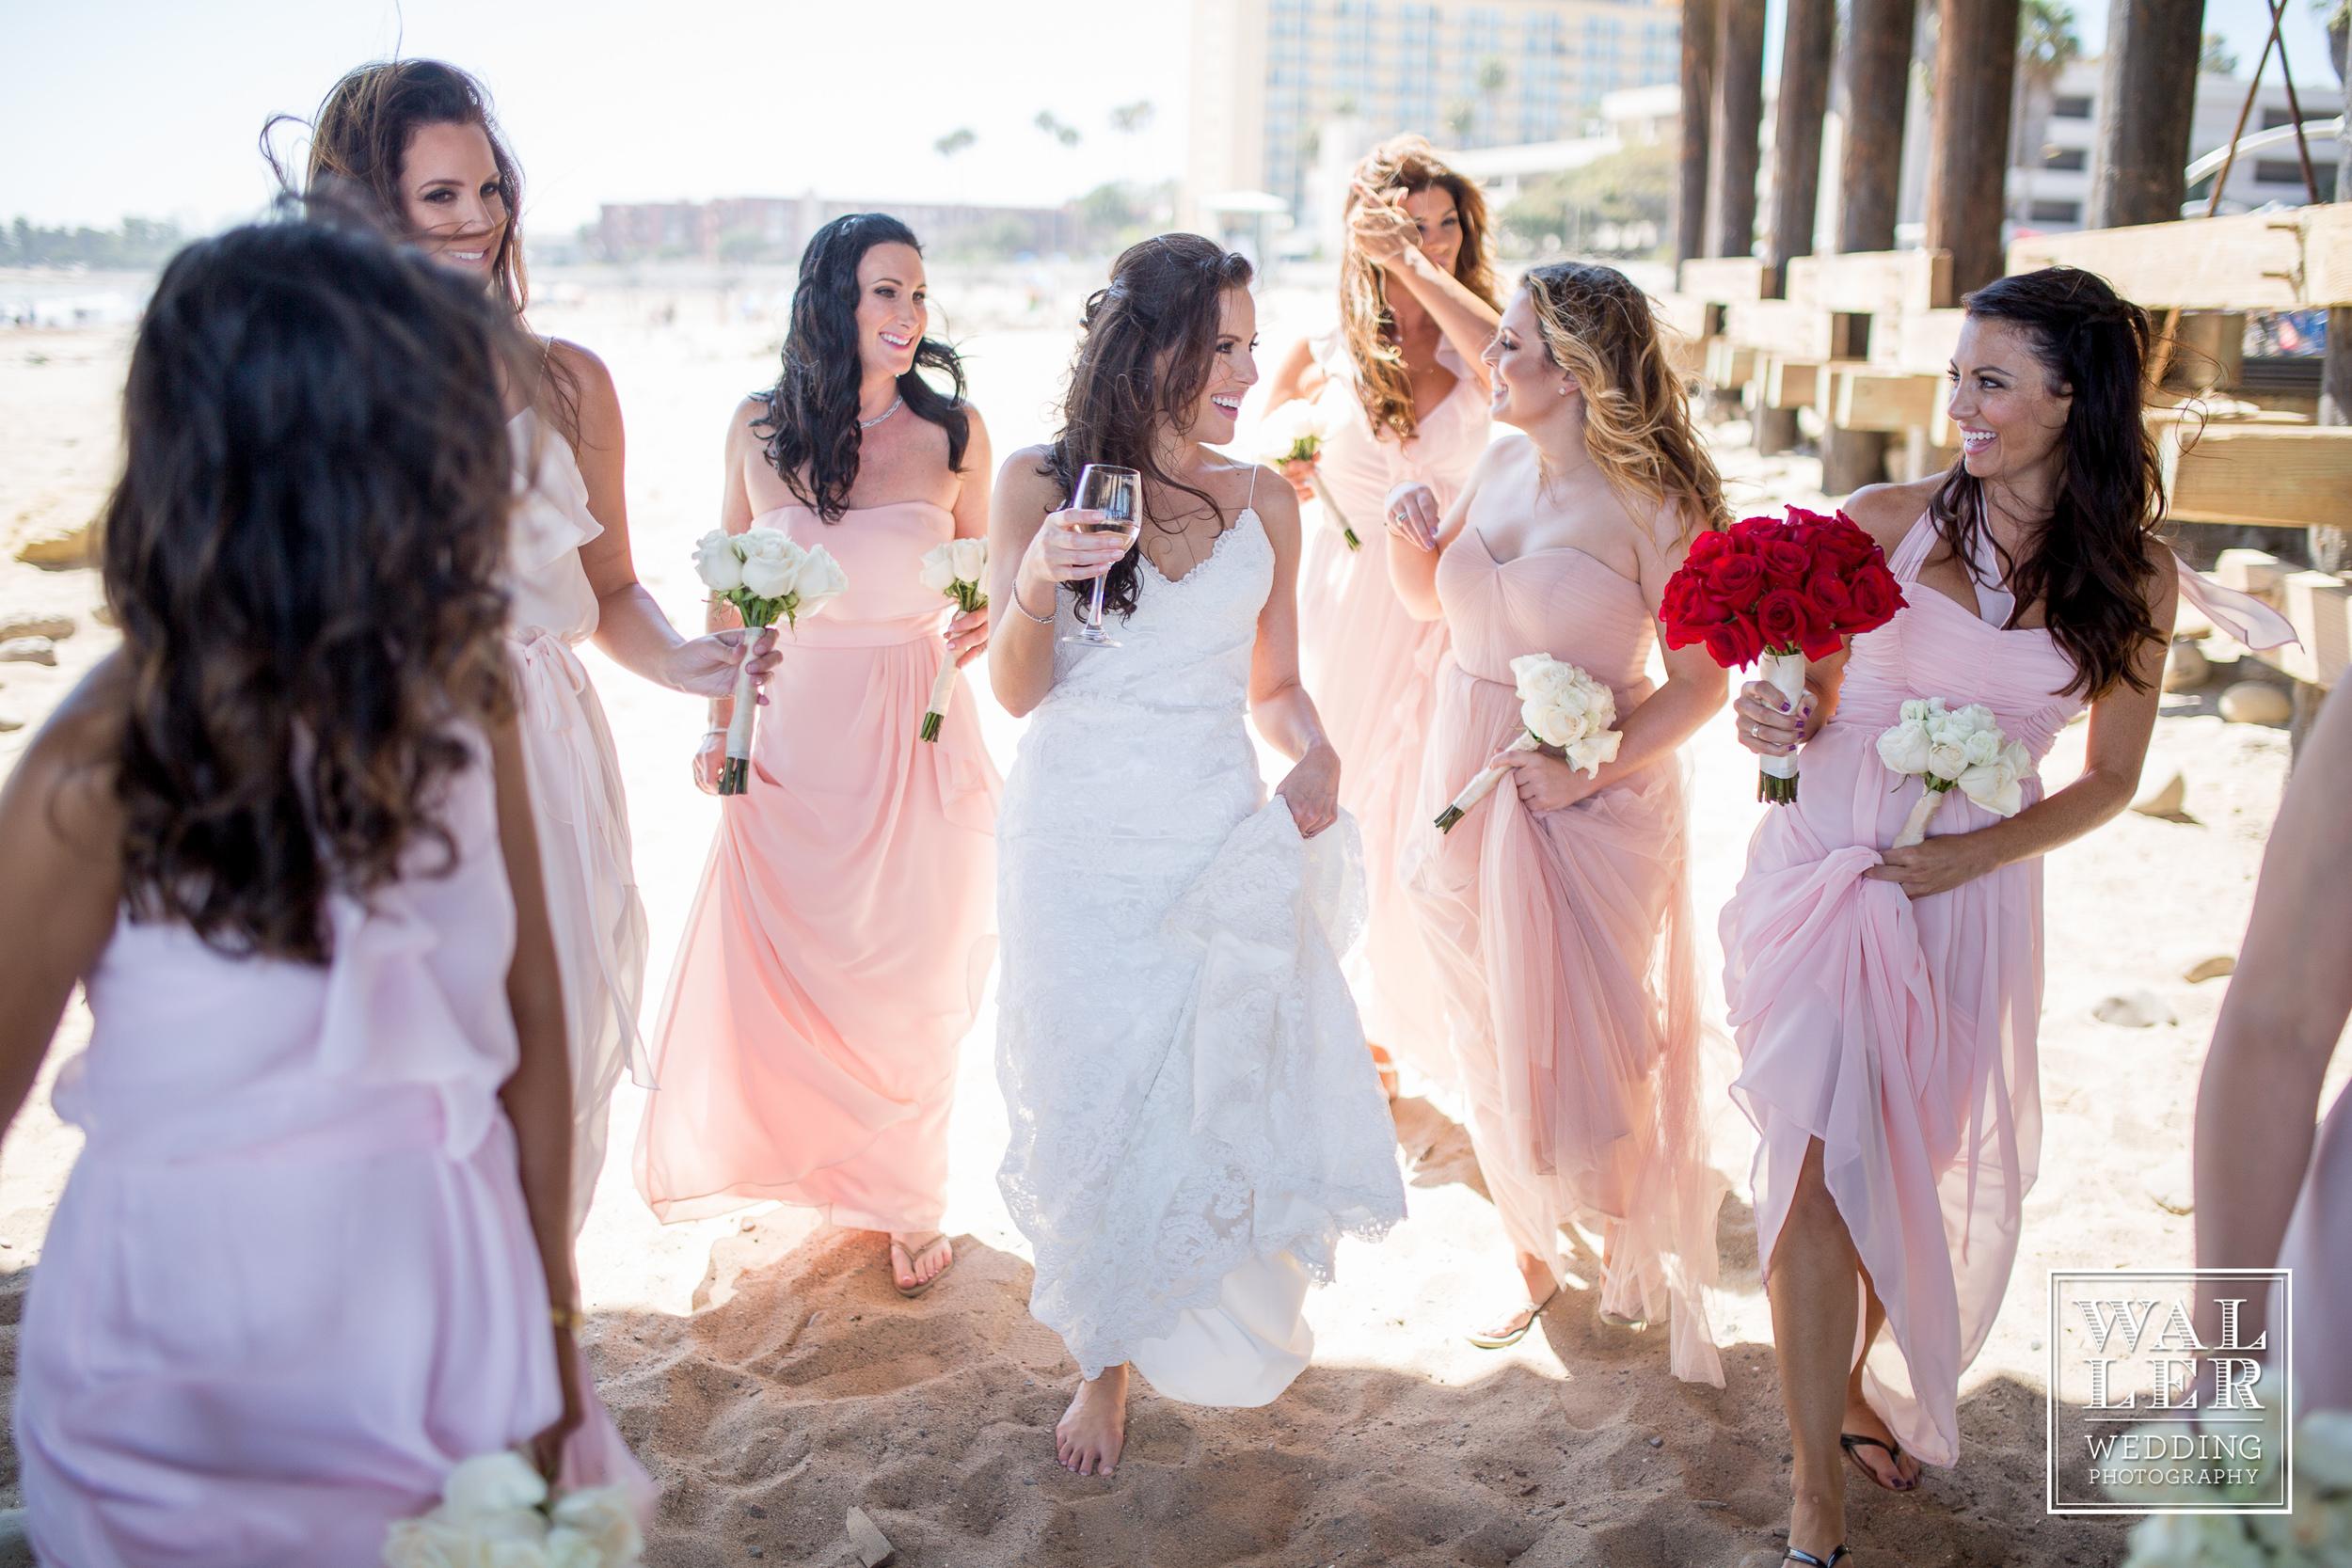 waller weddings-23.jpg